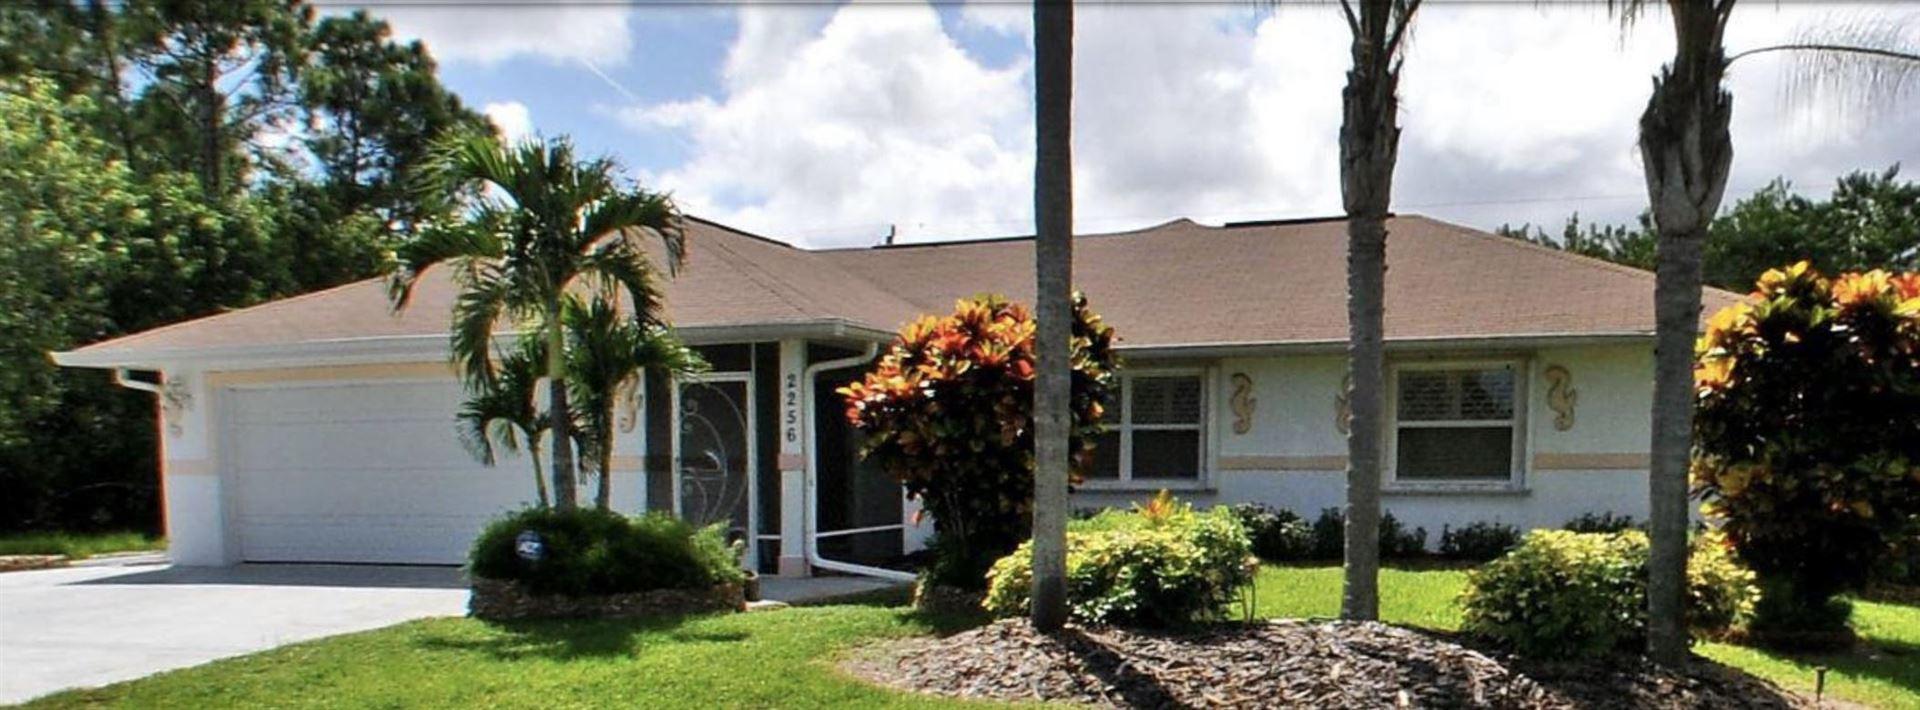 2256 SE Longhorn Avenue, Port Saint Lucie, FL 34952 - #: RX-10720331